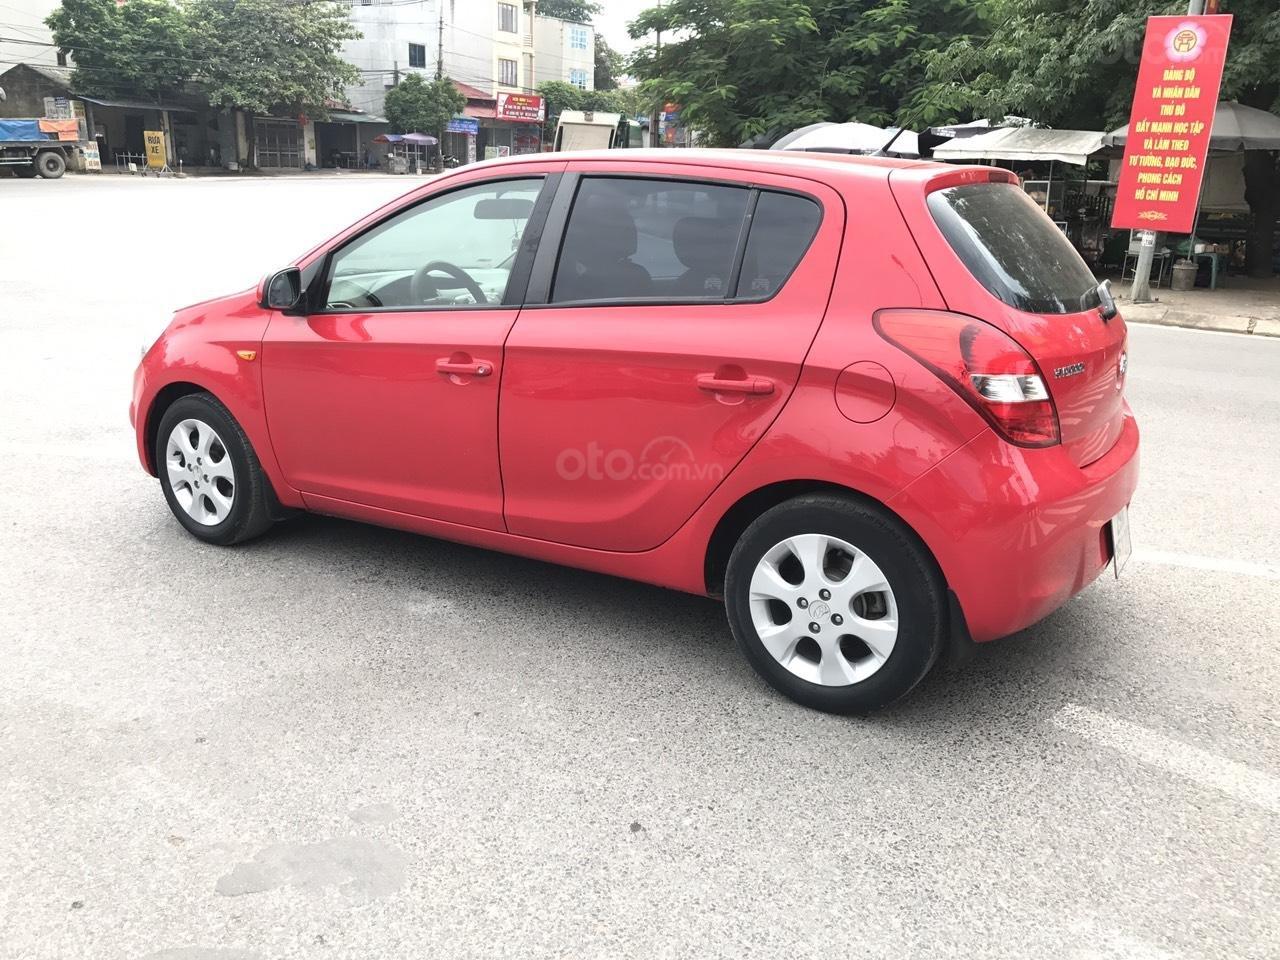 Bán Hyundai i20 1.4 AT đời 2011, màu đỏ, xe nhập, bản full, xe xuất sắc luôn (3)